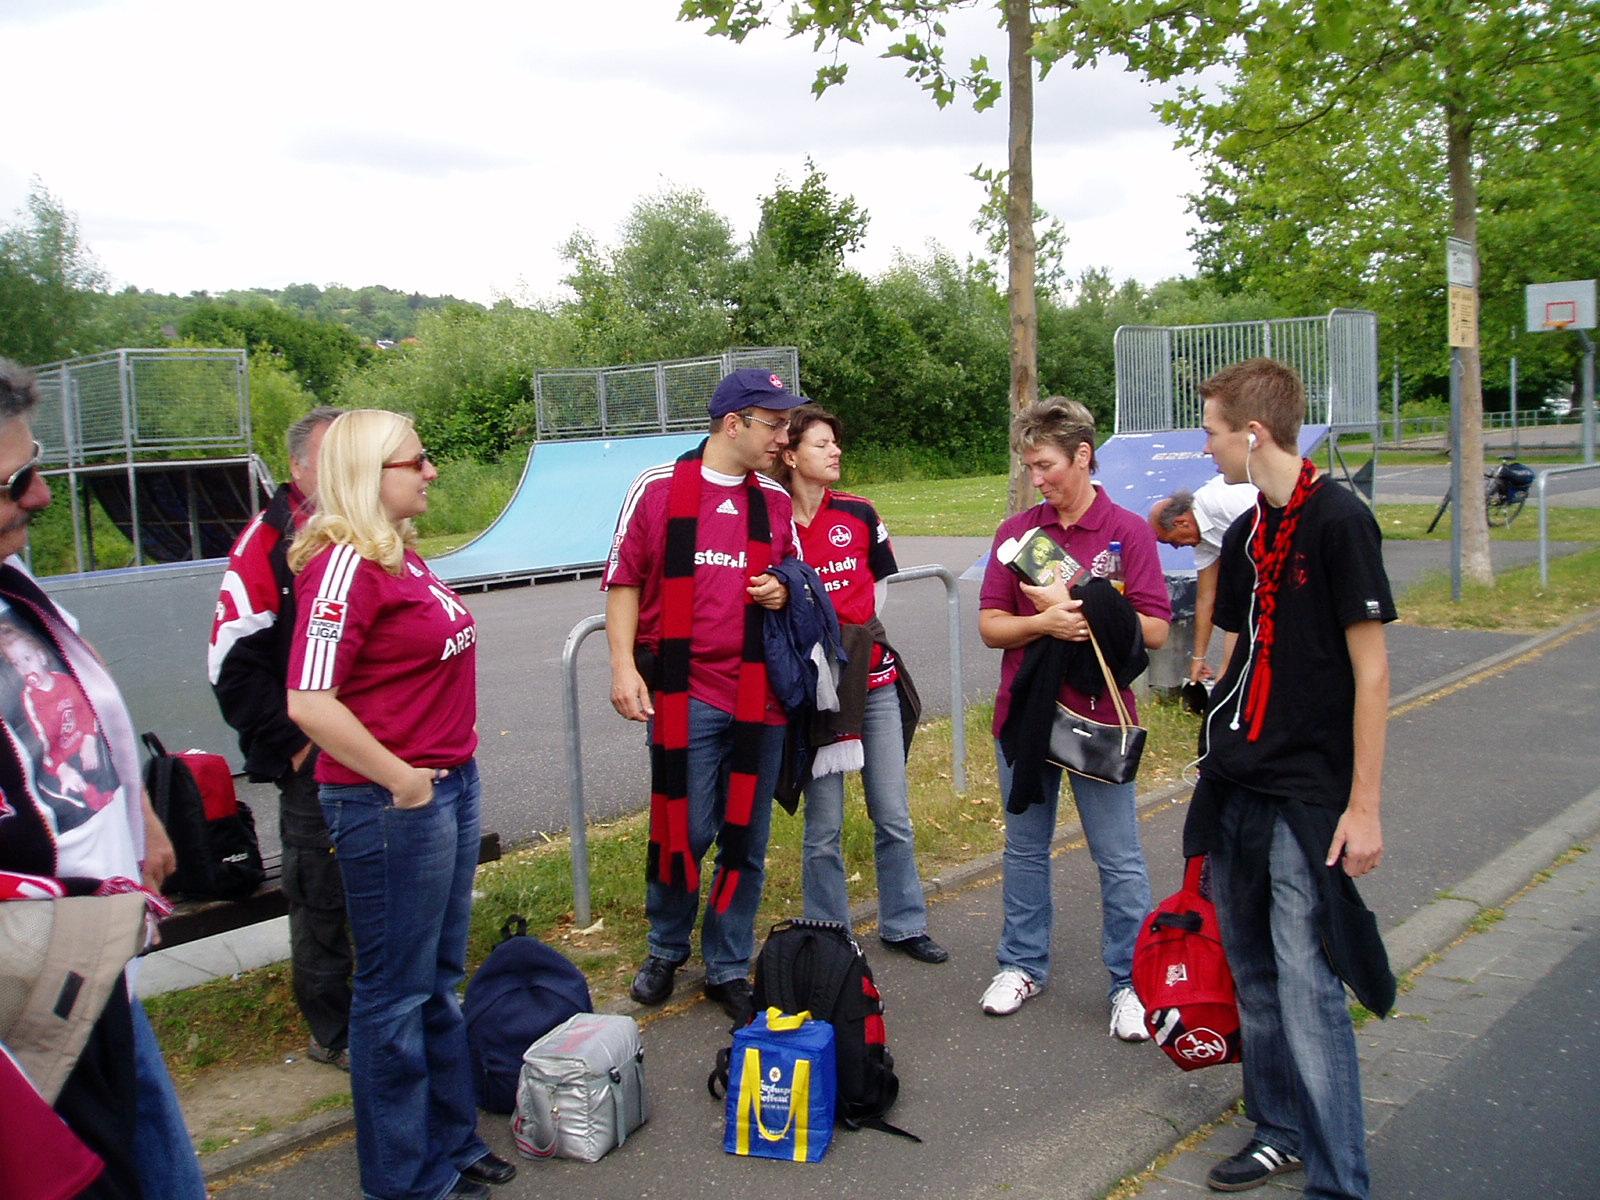 Busfahrt zum Relegationsspiel 1.FCN - Energie Cottbus am 31.05.2009. Wir sind in die 1. Bundesliga aufgestiegen!